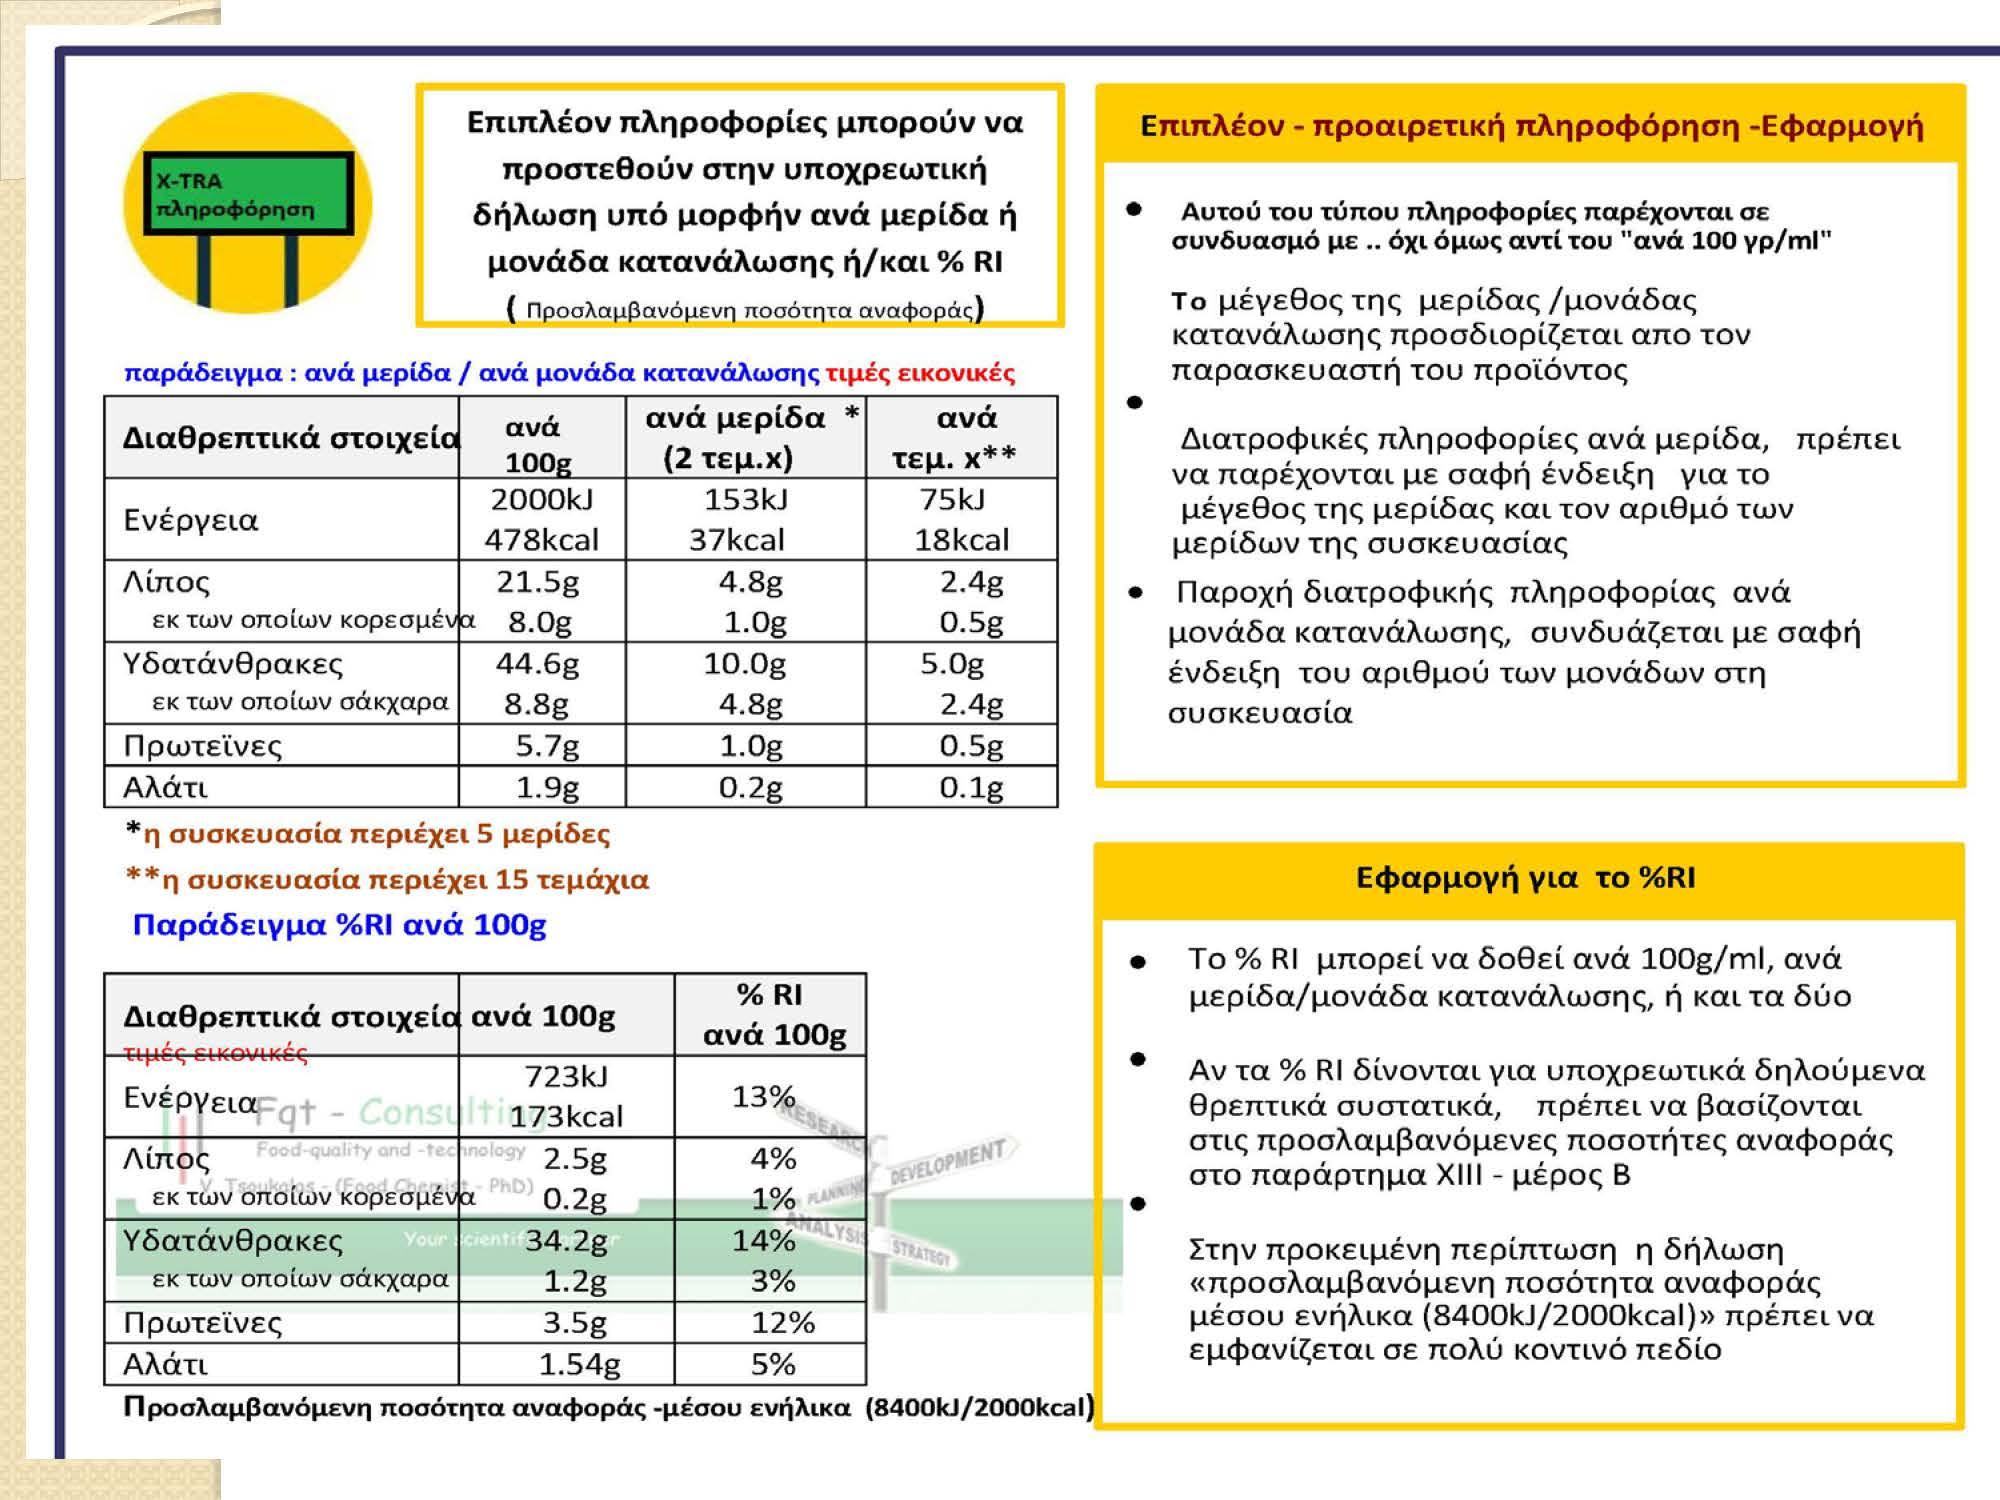 Διατροφική επισήμανση  στα προσυσκευασμένα τρόφιμα_Page_05